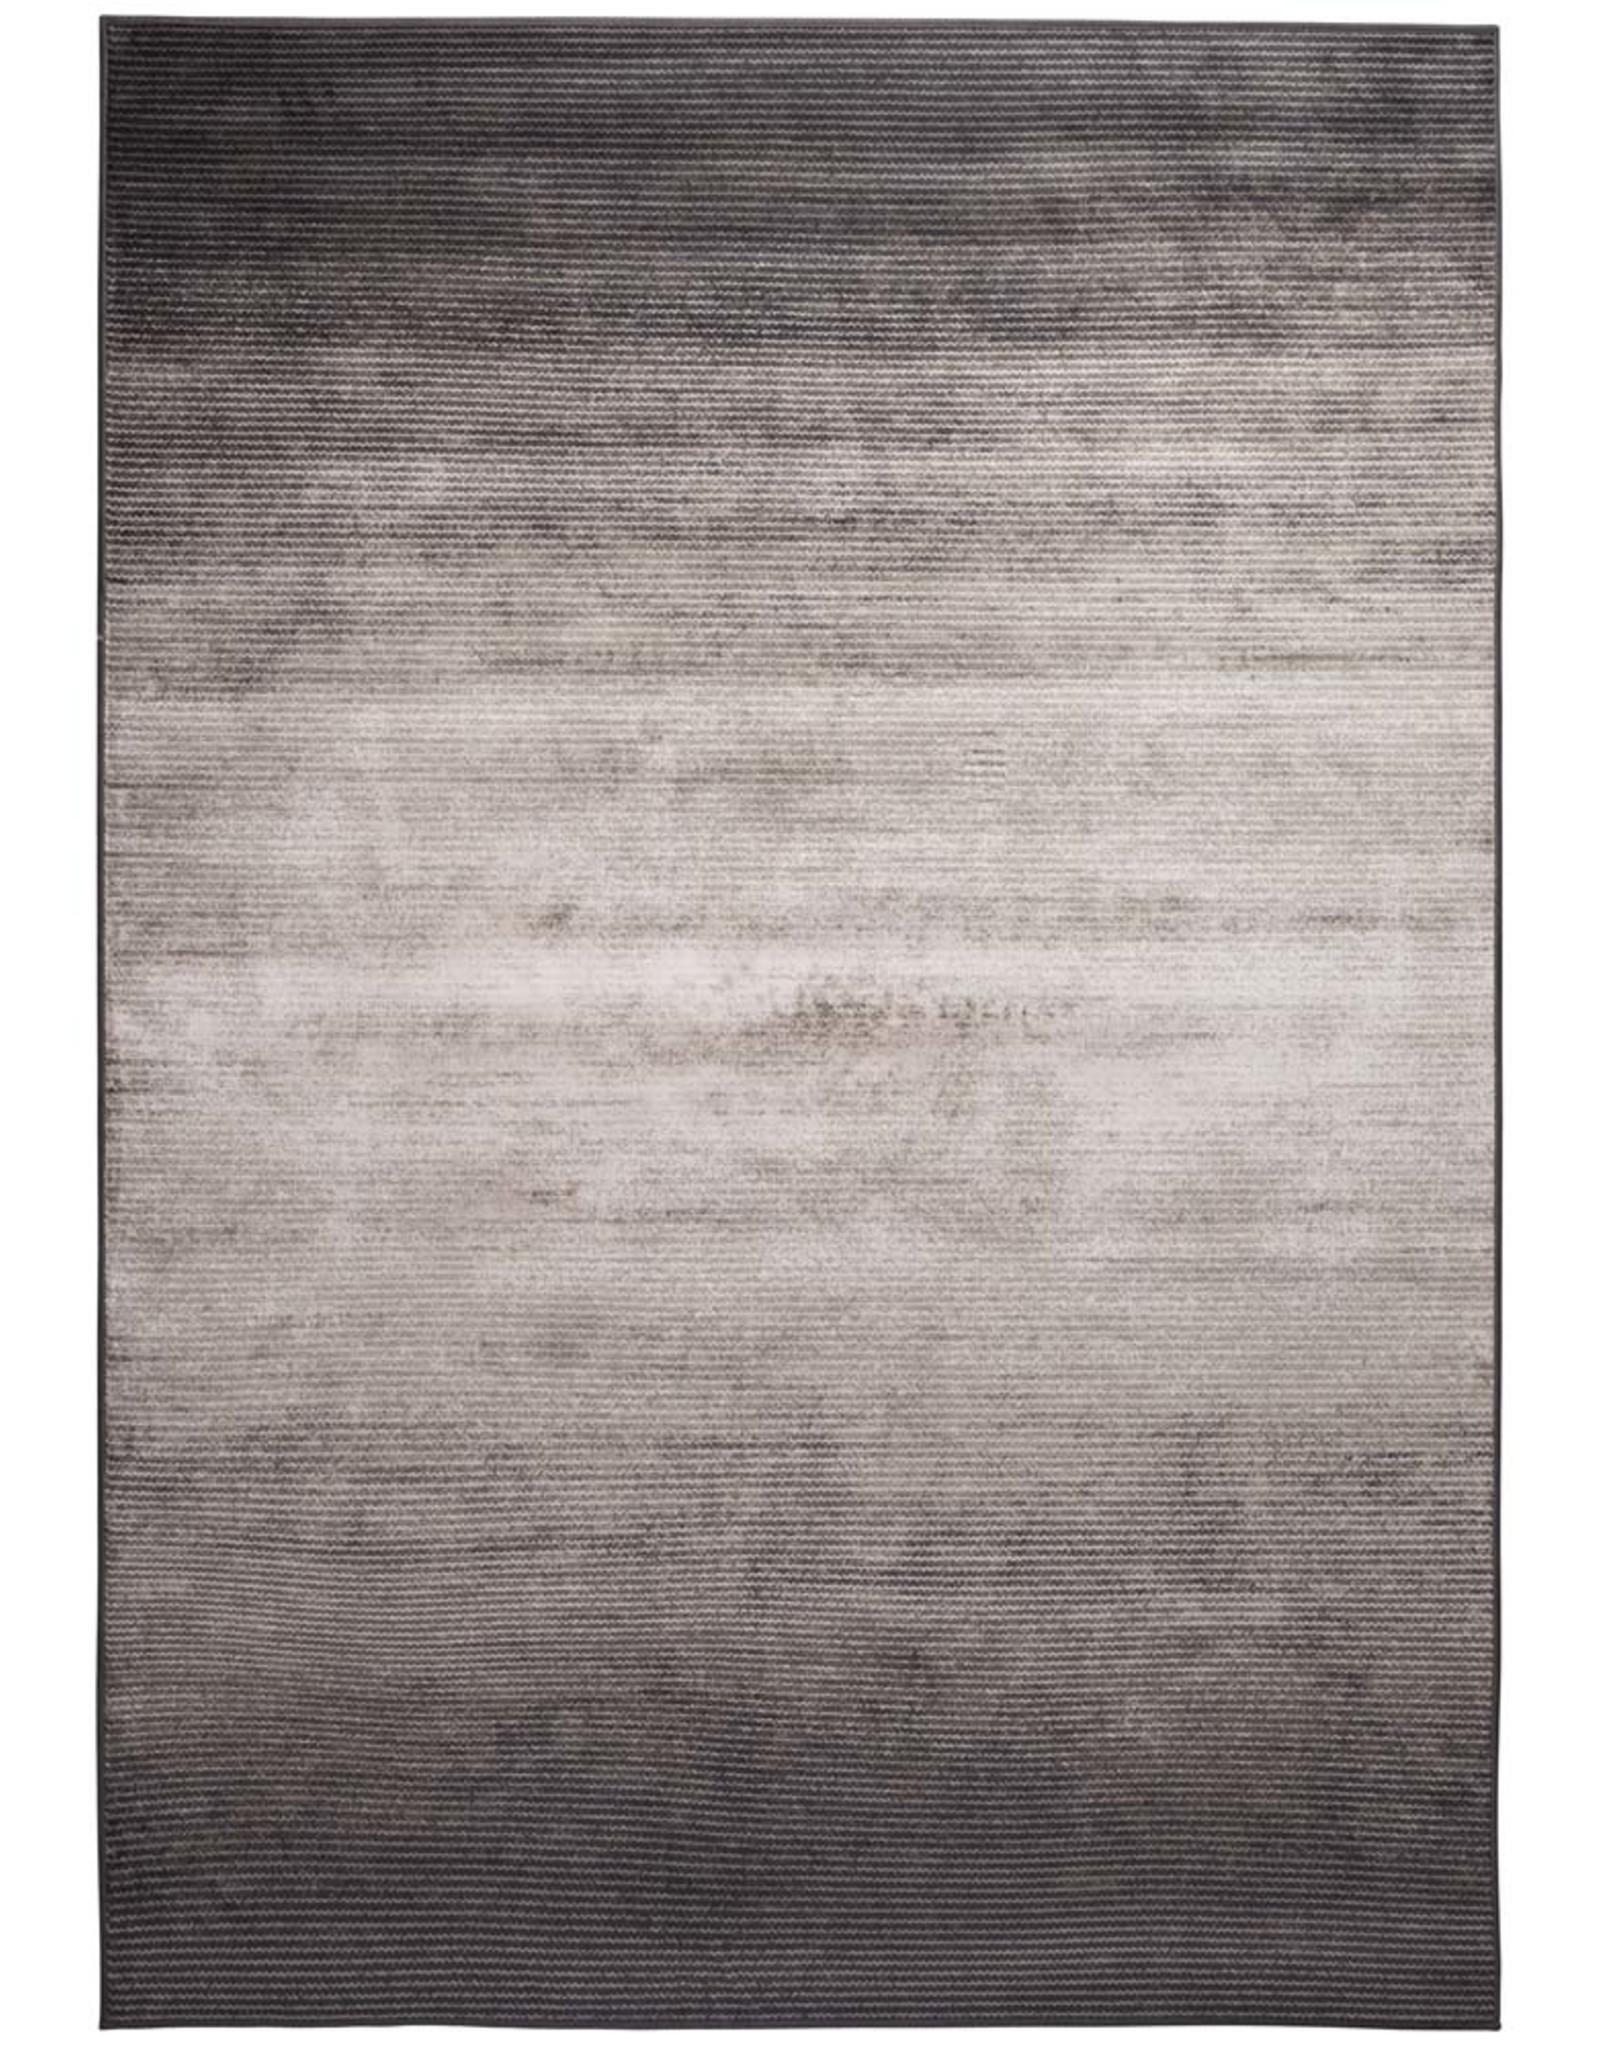 ZUIVER BV OBI Carpet - Grey 5x7